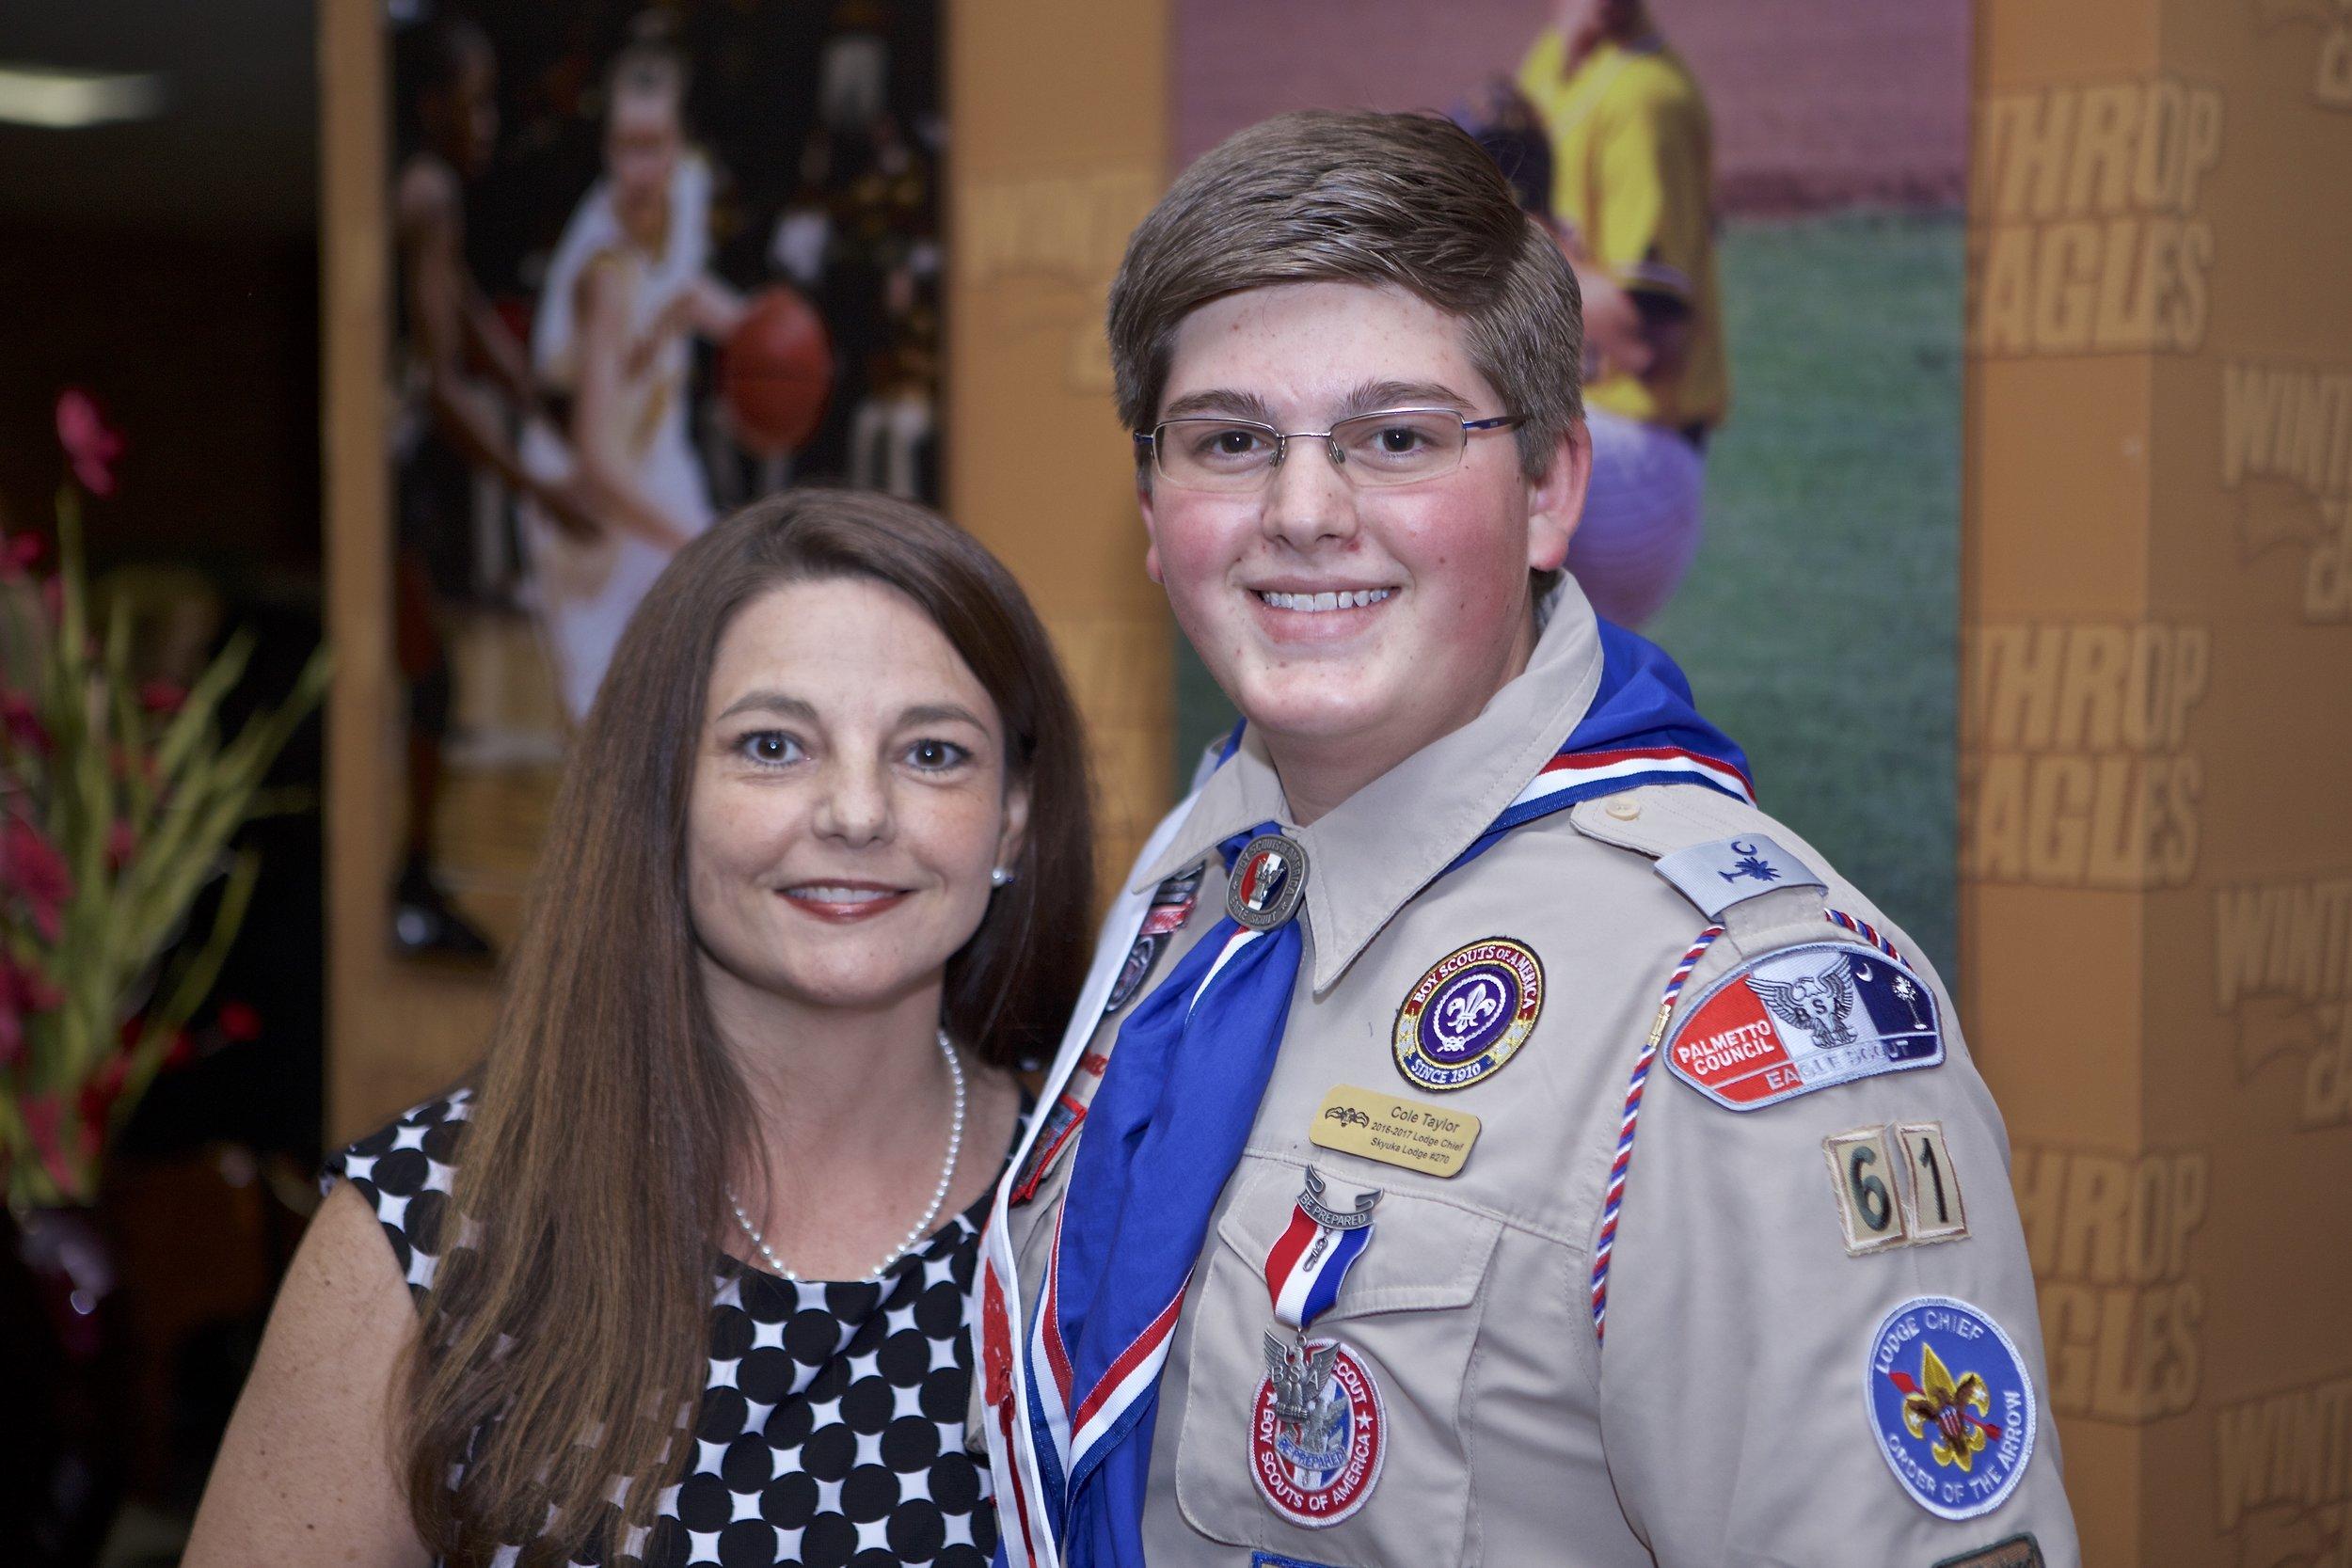 Boy Scouts_034.jpg